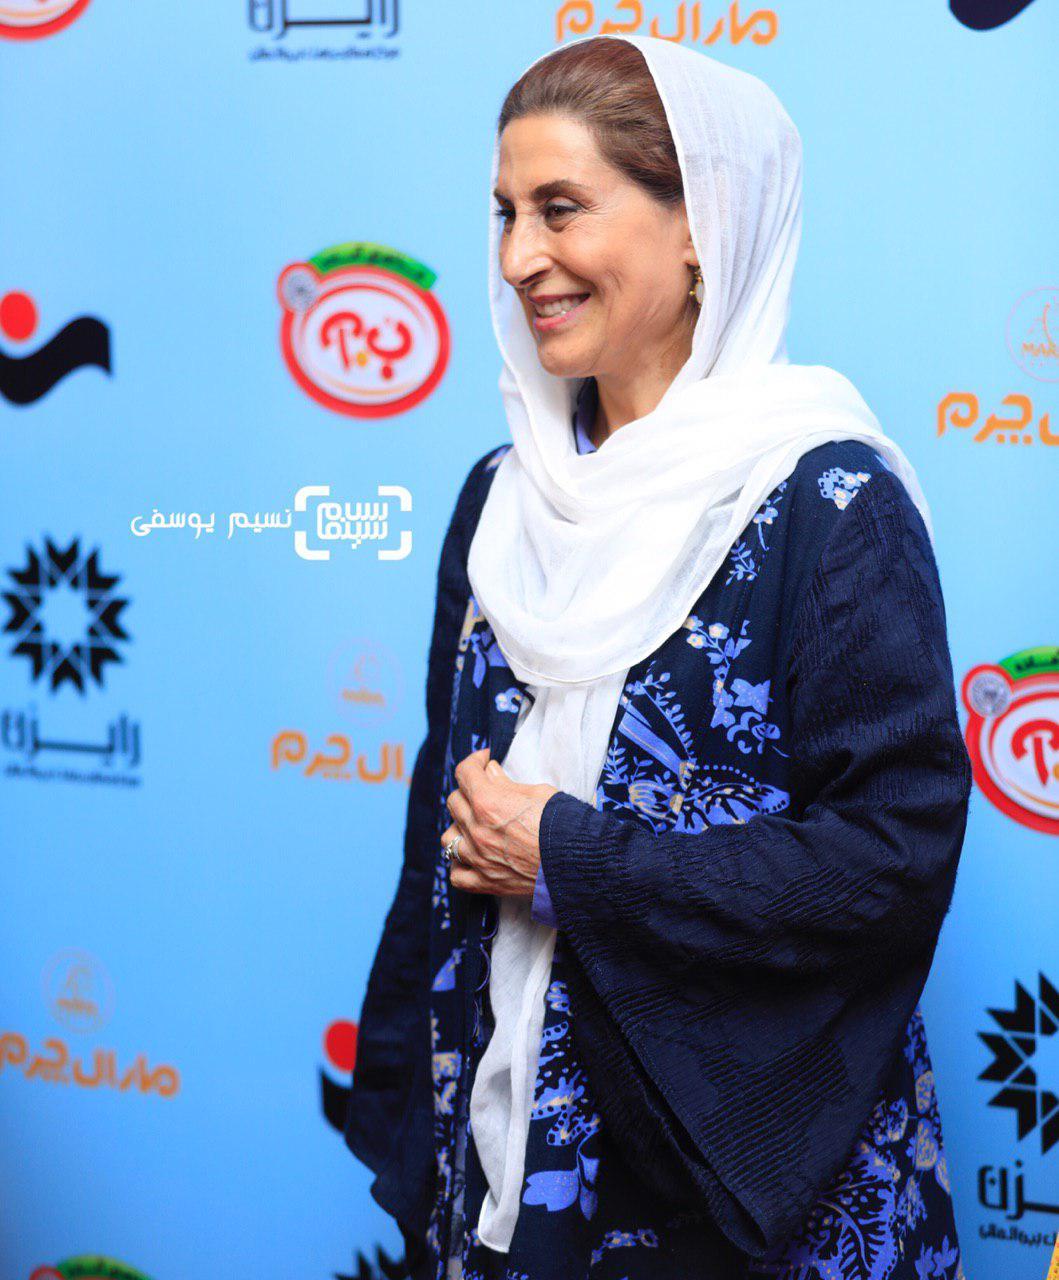 فاطمه معتمدآریا - پنجمین جشن عکاسان سینمای ایران/ گزارش تصویری